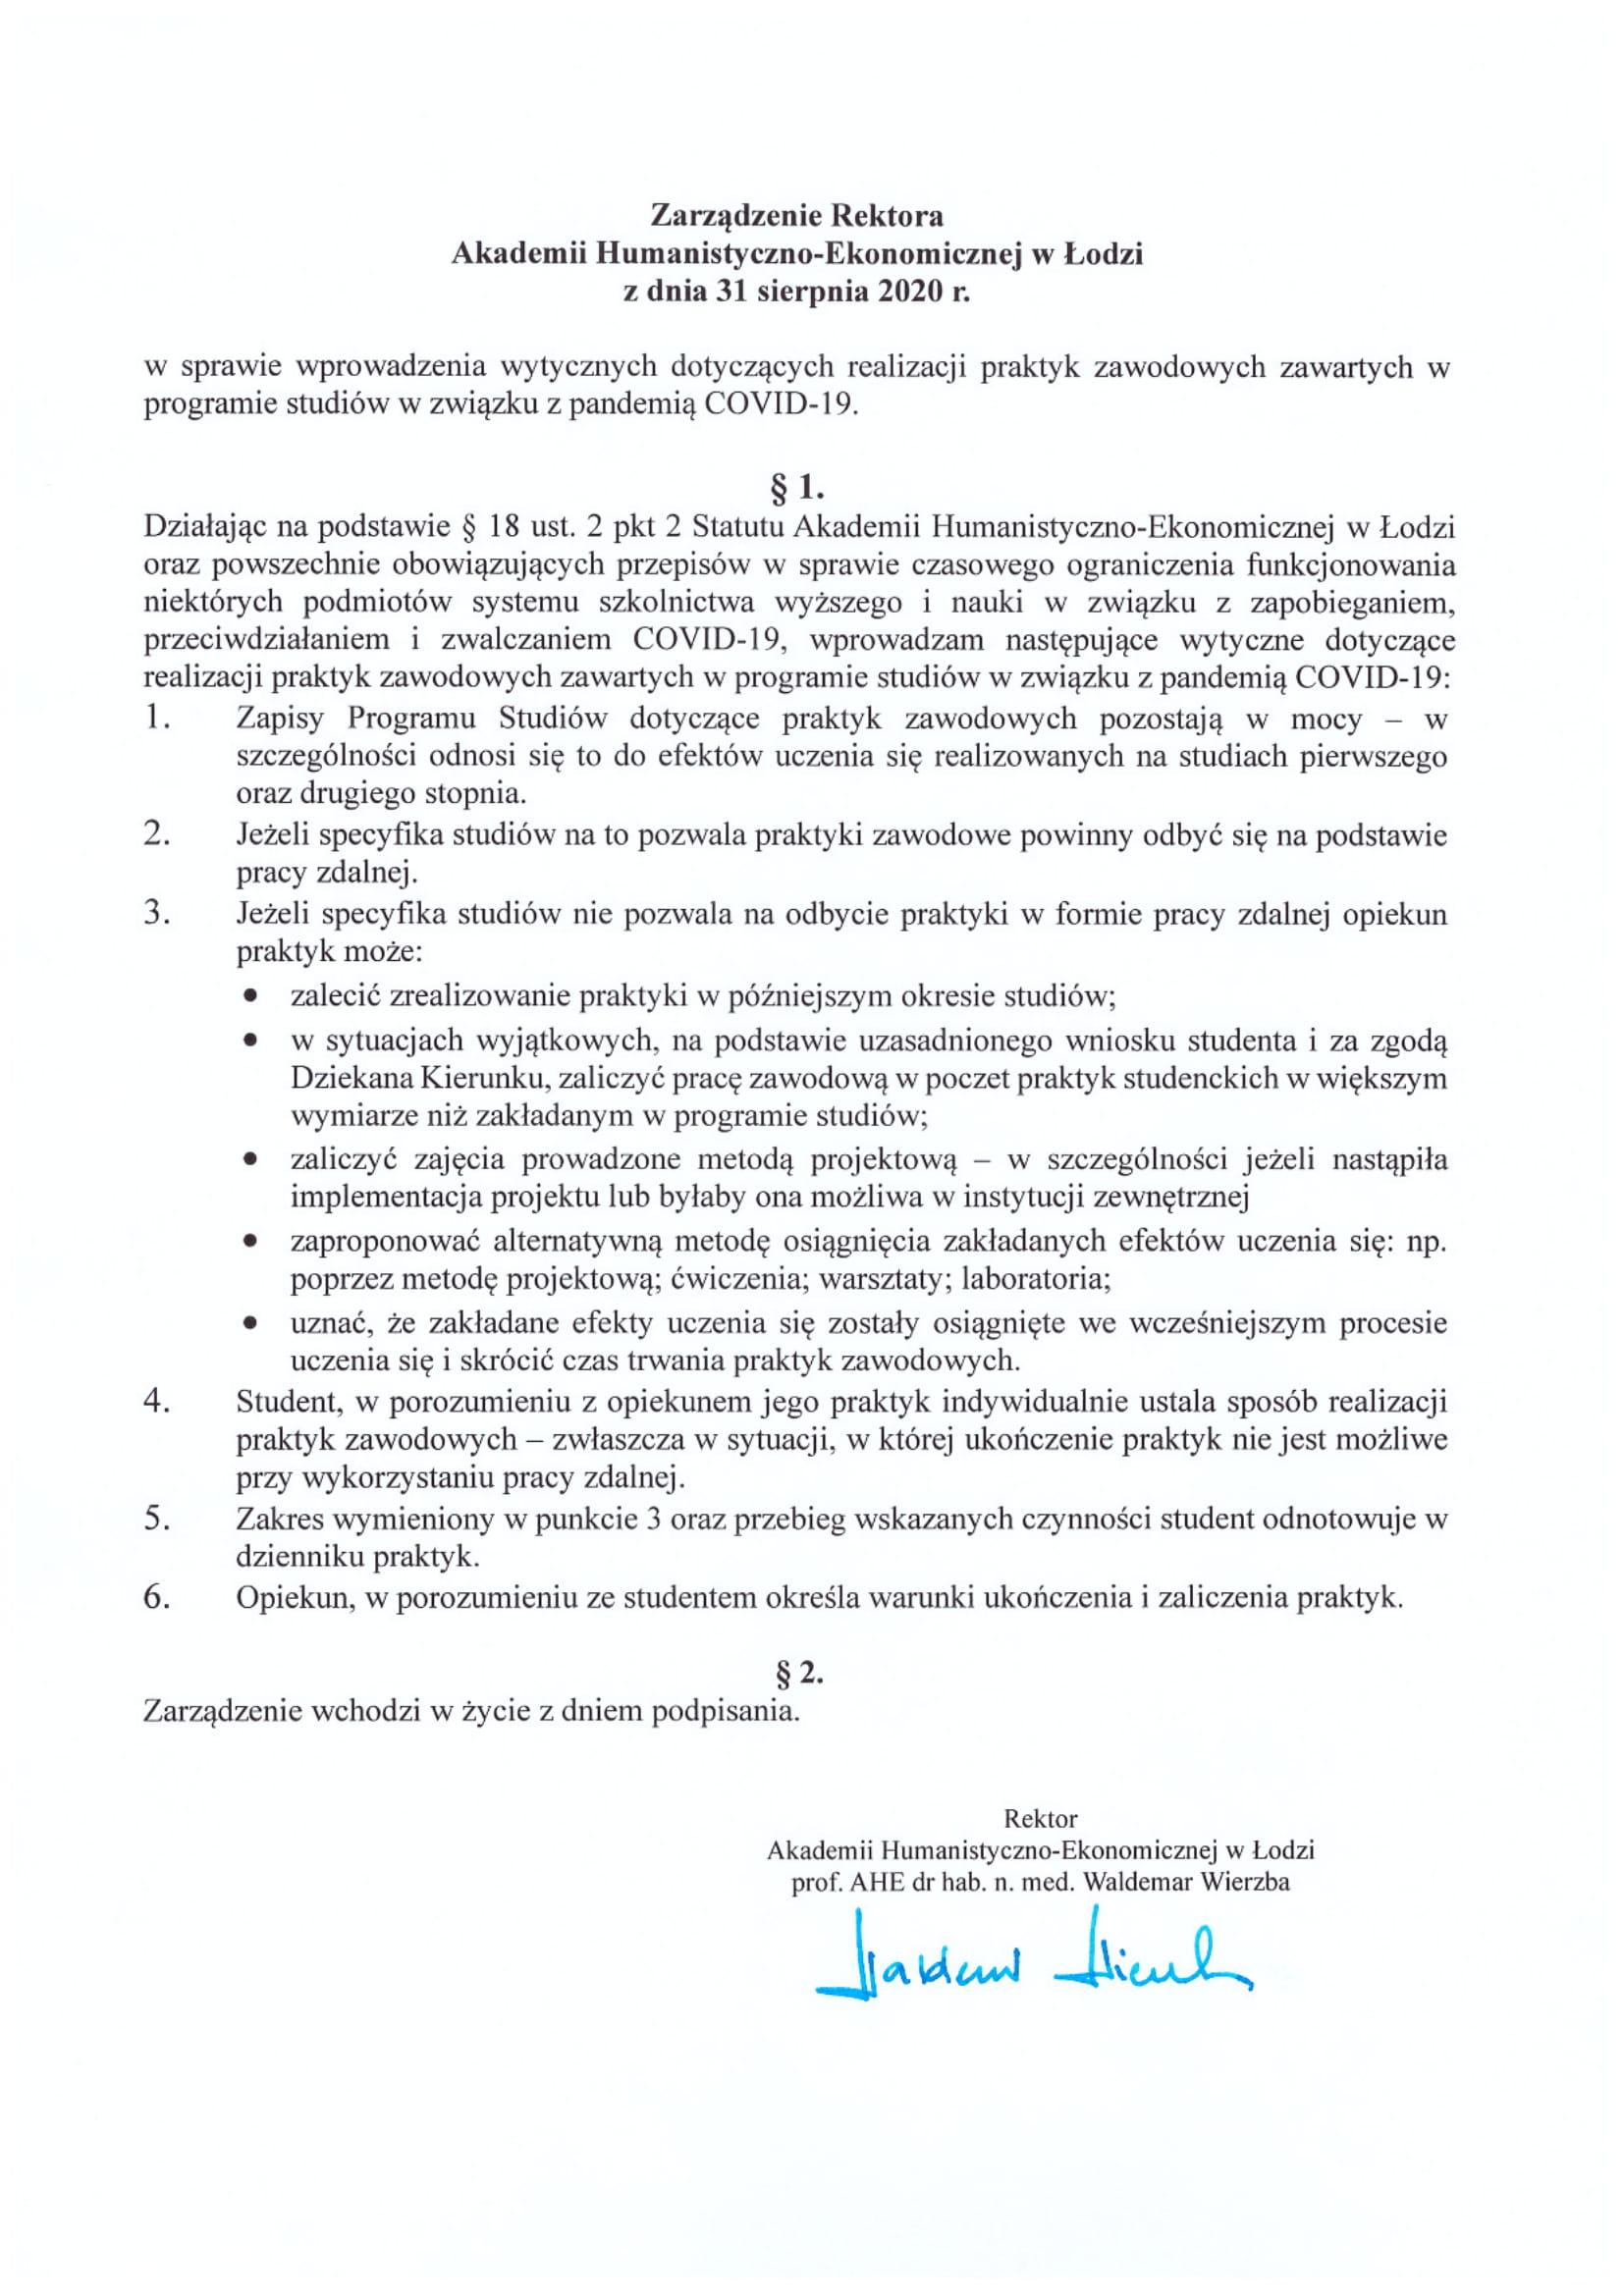 zarządzenie rektora dotyczące praktyk